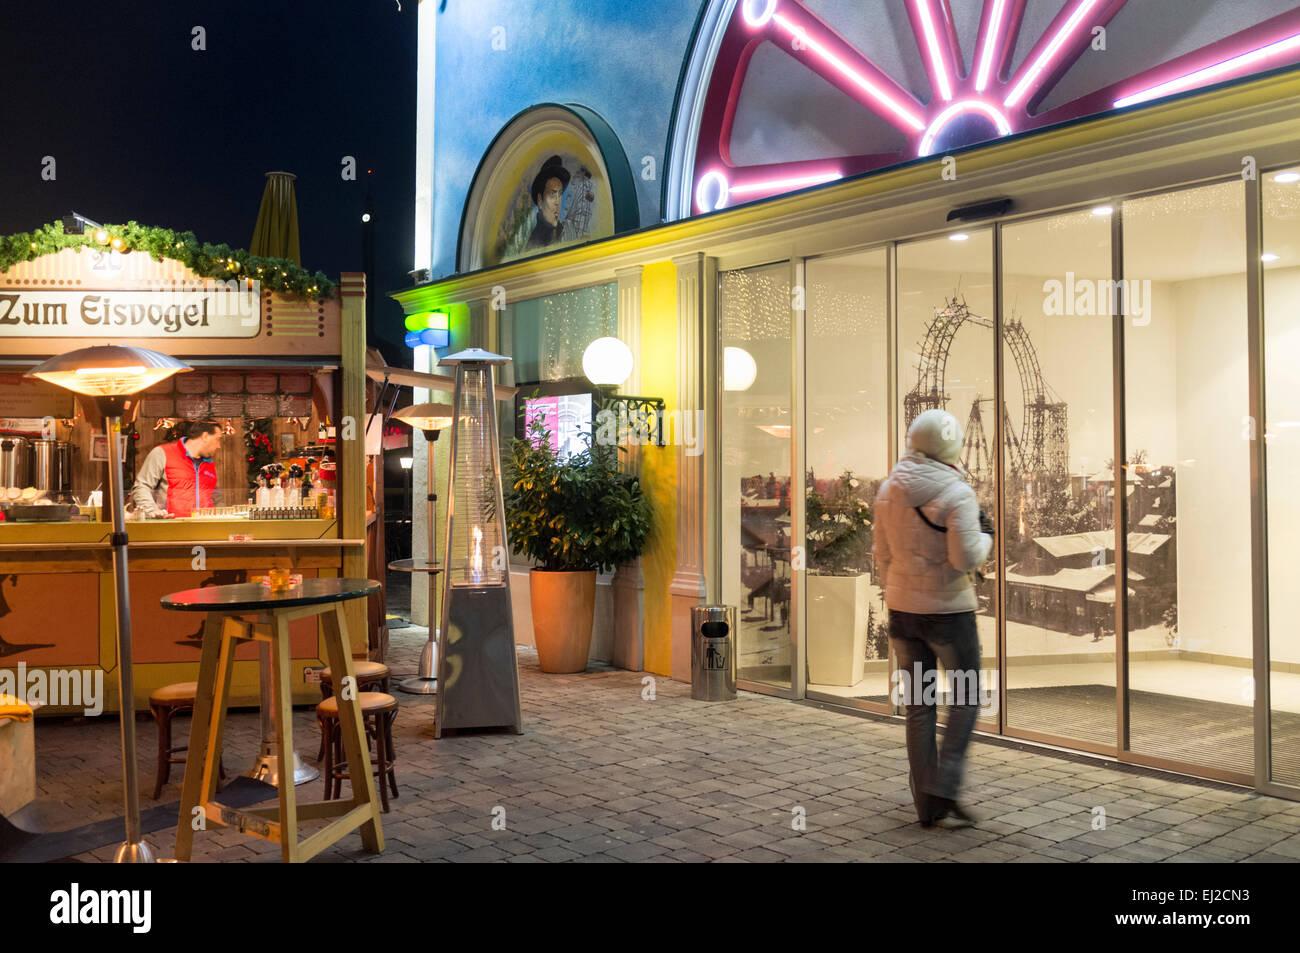 Wiener Riesenrad Vienna, Austria - Stock Image